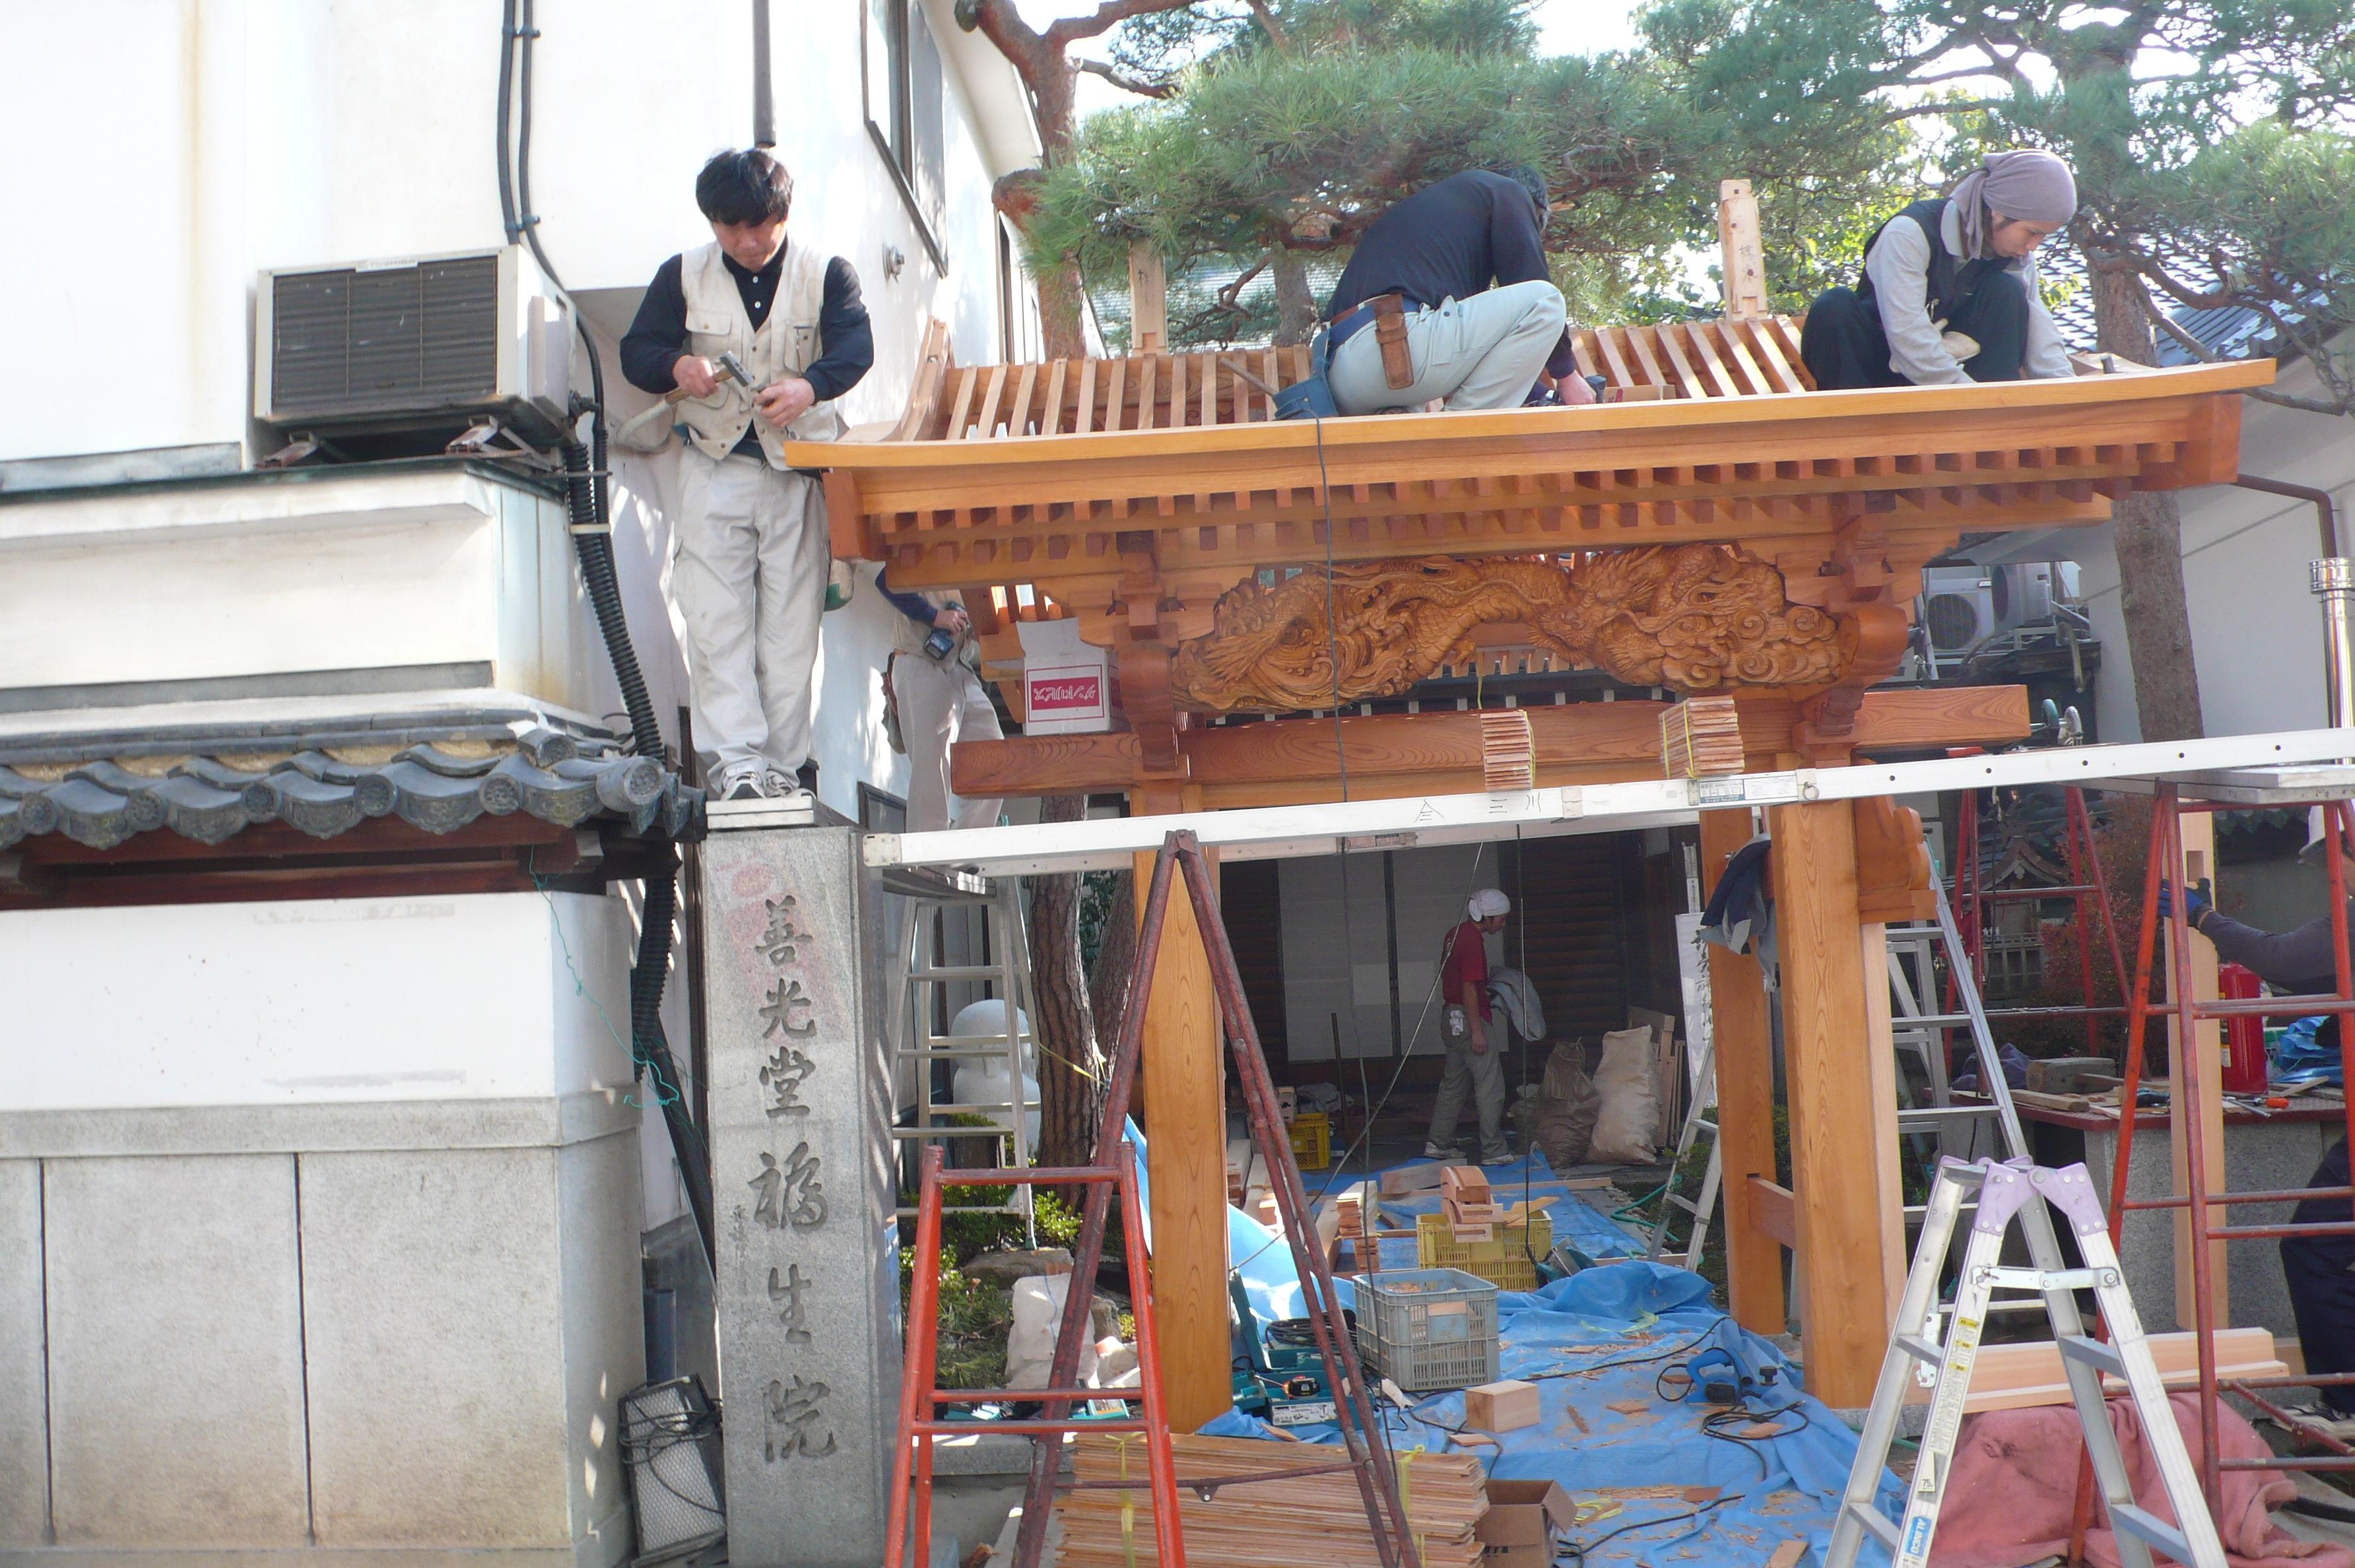 昨日は龍の彫り物を門に取付けていましたが  今朝,様子を見に伺いましたら、もう屋根が出来ていました。